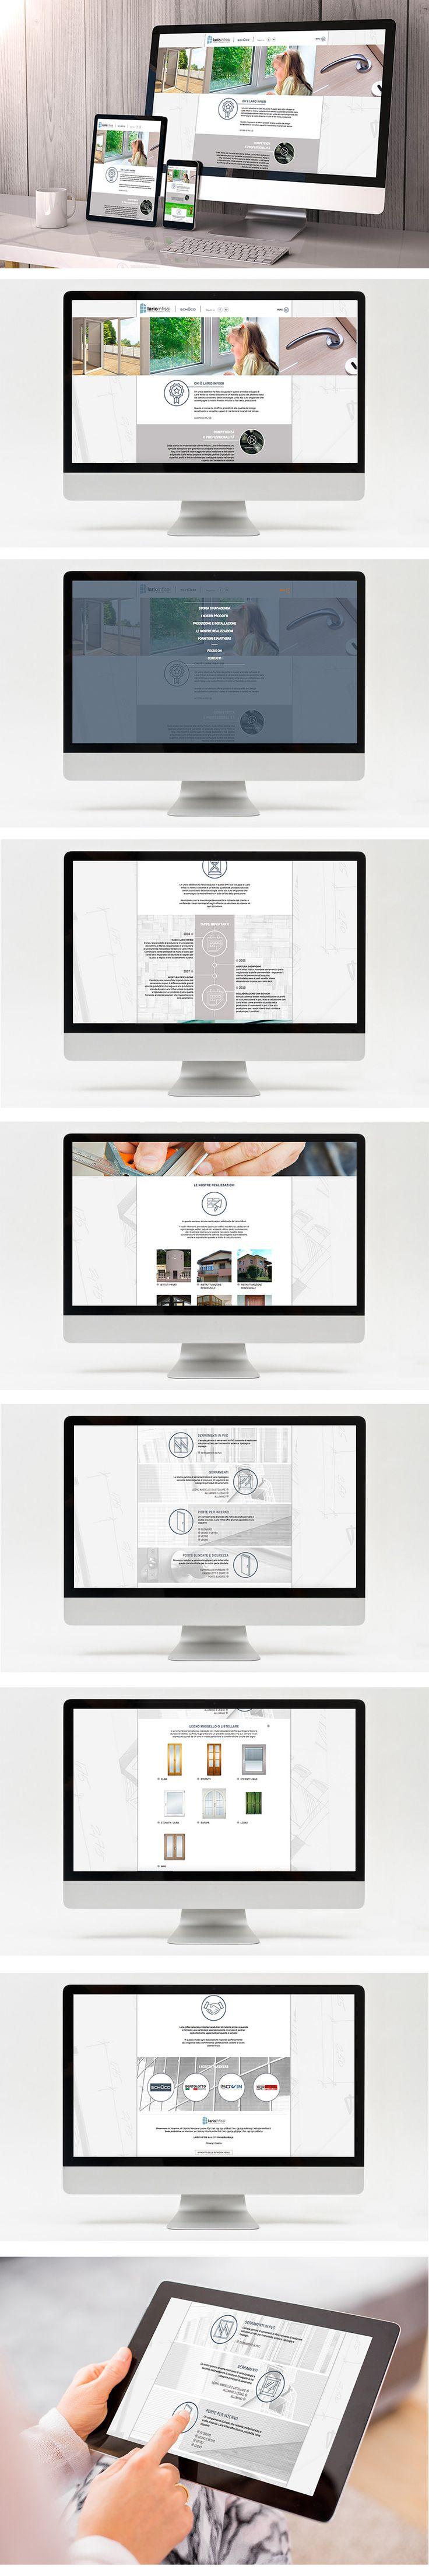 Nuovo portale aziendale per Lario Infissi, azienda specializzata nella produzione ed istallazione di serramenti e porte per abitazioni private, uffici e aziende.